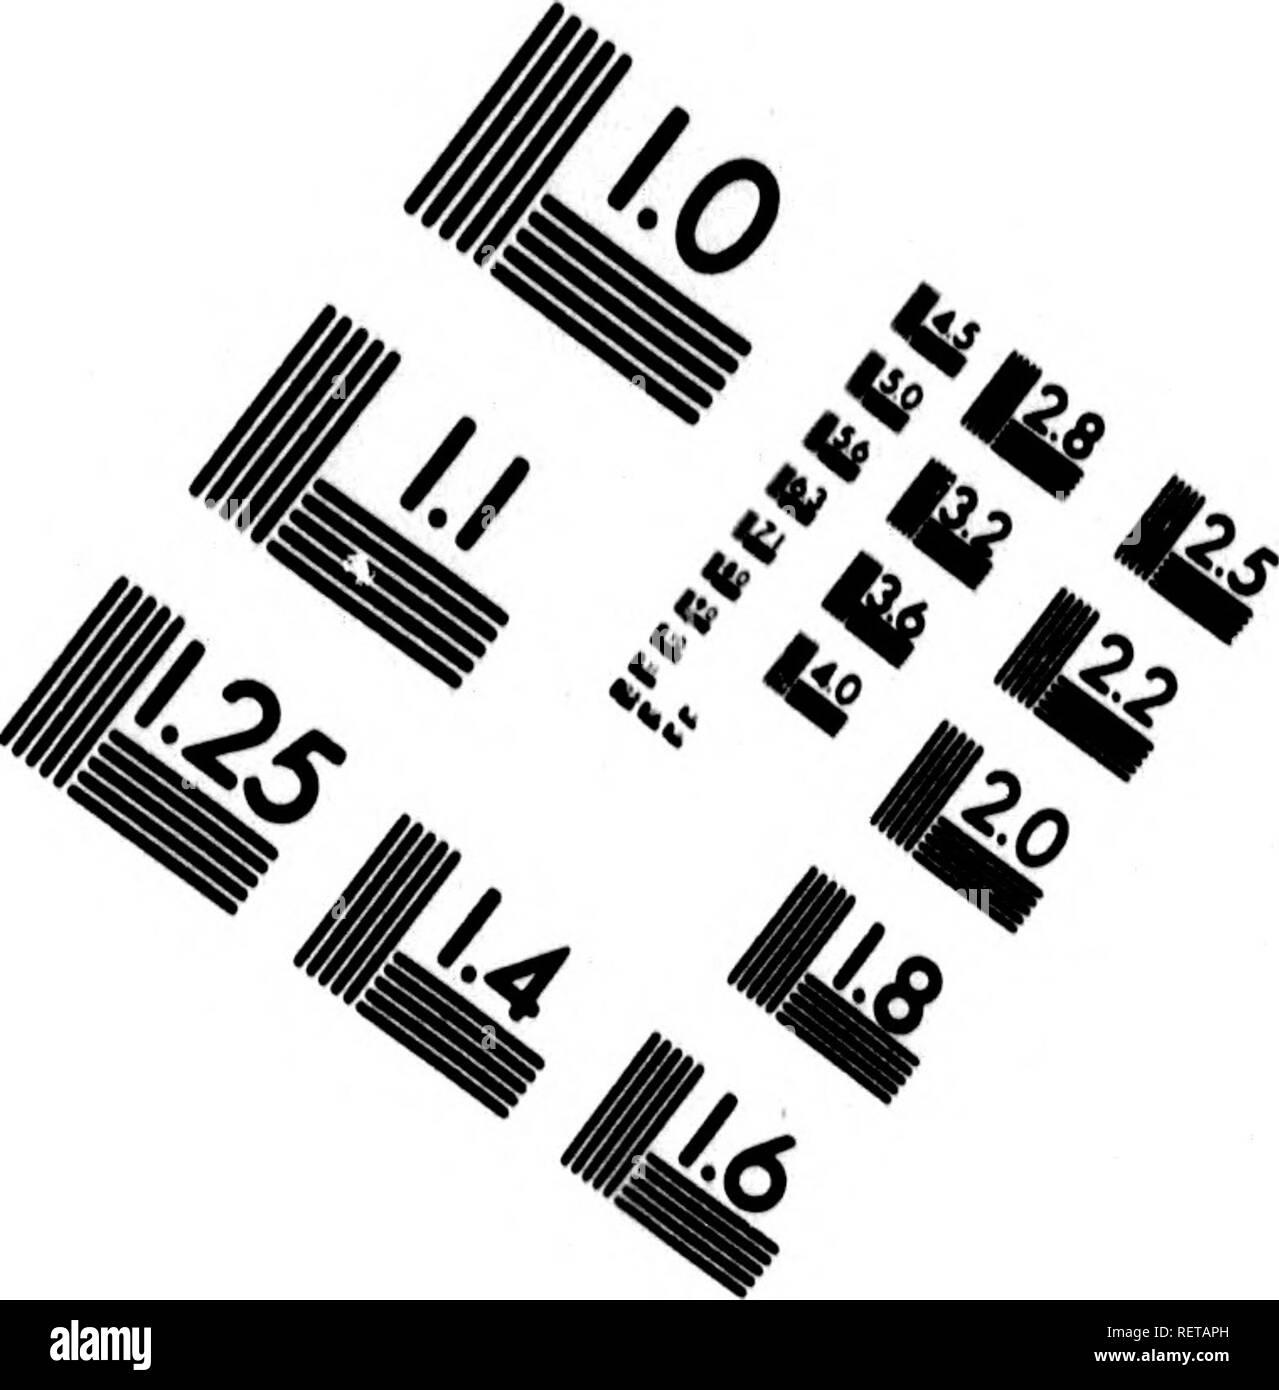 . Histoire naturelle, générale et particulière [microforme] : servant de suite à la théorie de la terre, & d'introduction à l'histoire des miné raux. Sciences naturelles; Natural history. S^ IMAGE EVALUATION TEST TARGET (MT-3). 1.0 l.l là Ã|2£ |2.5 Ui lÃi |2.2 2.0 I IL25 mu I 1.6. Please note that these images are extracted from scanned page images that may have been digitally enhanced for readability - coloration and appearance of these illustrations may not perfectly resemble the original work.. Buffon, Georges Louis Leclerc, comte de, 1707-1788. A Paris : De l'Imprimerie royale - Stock Image